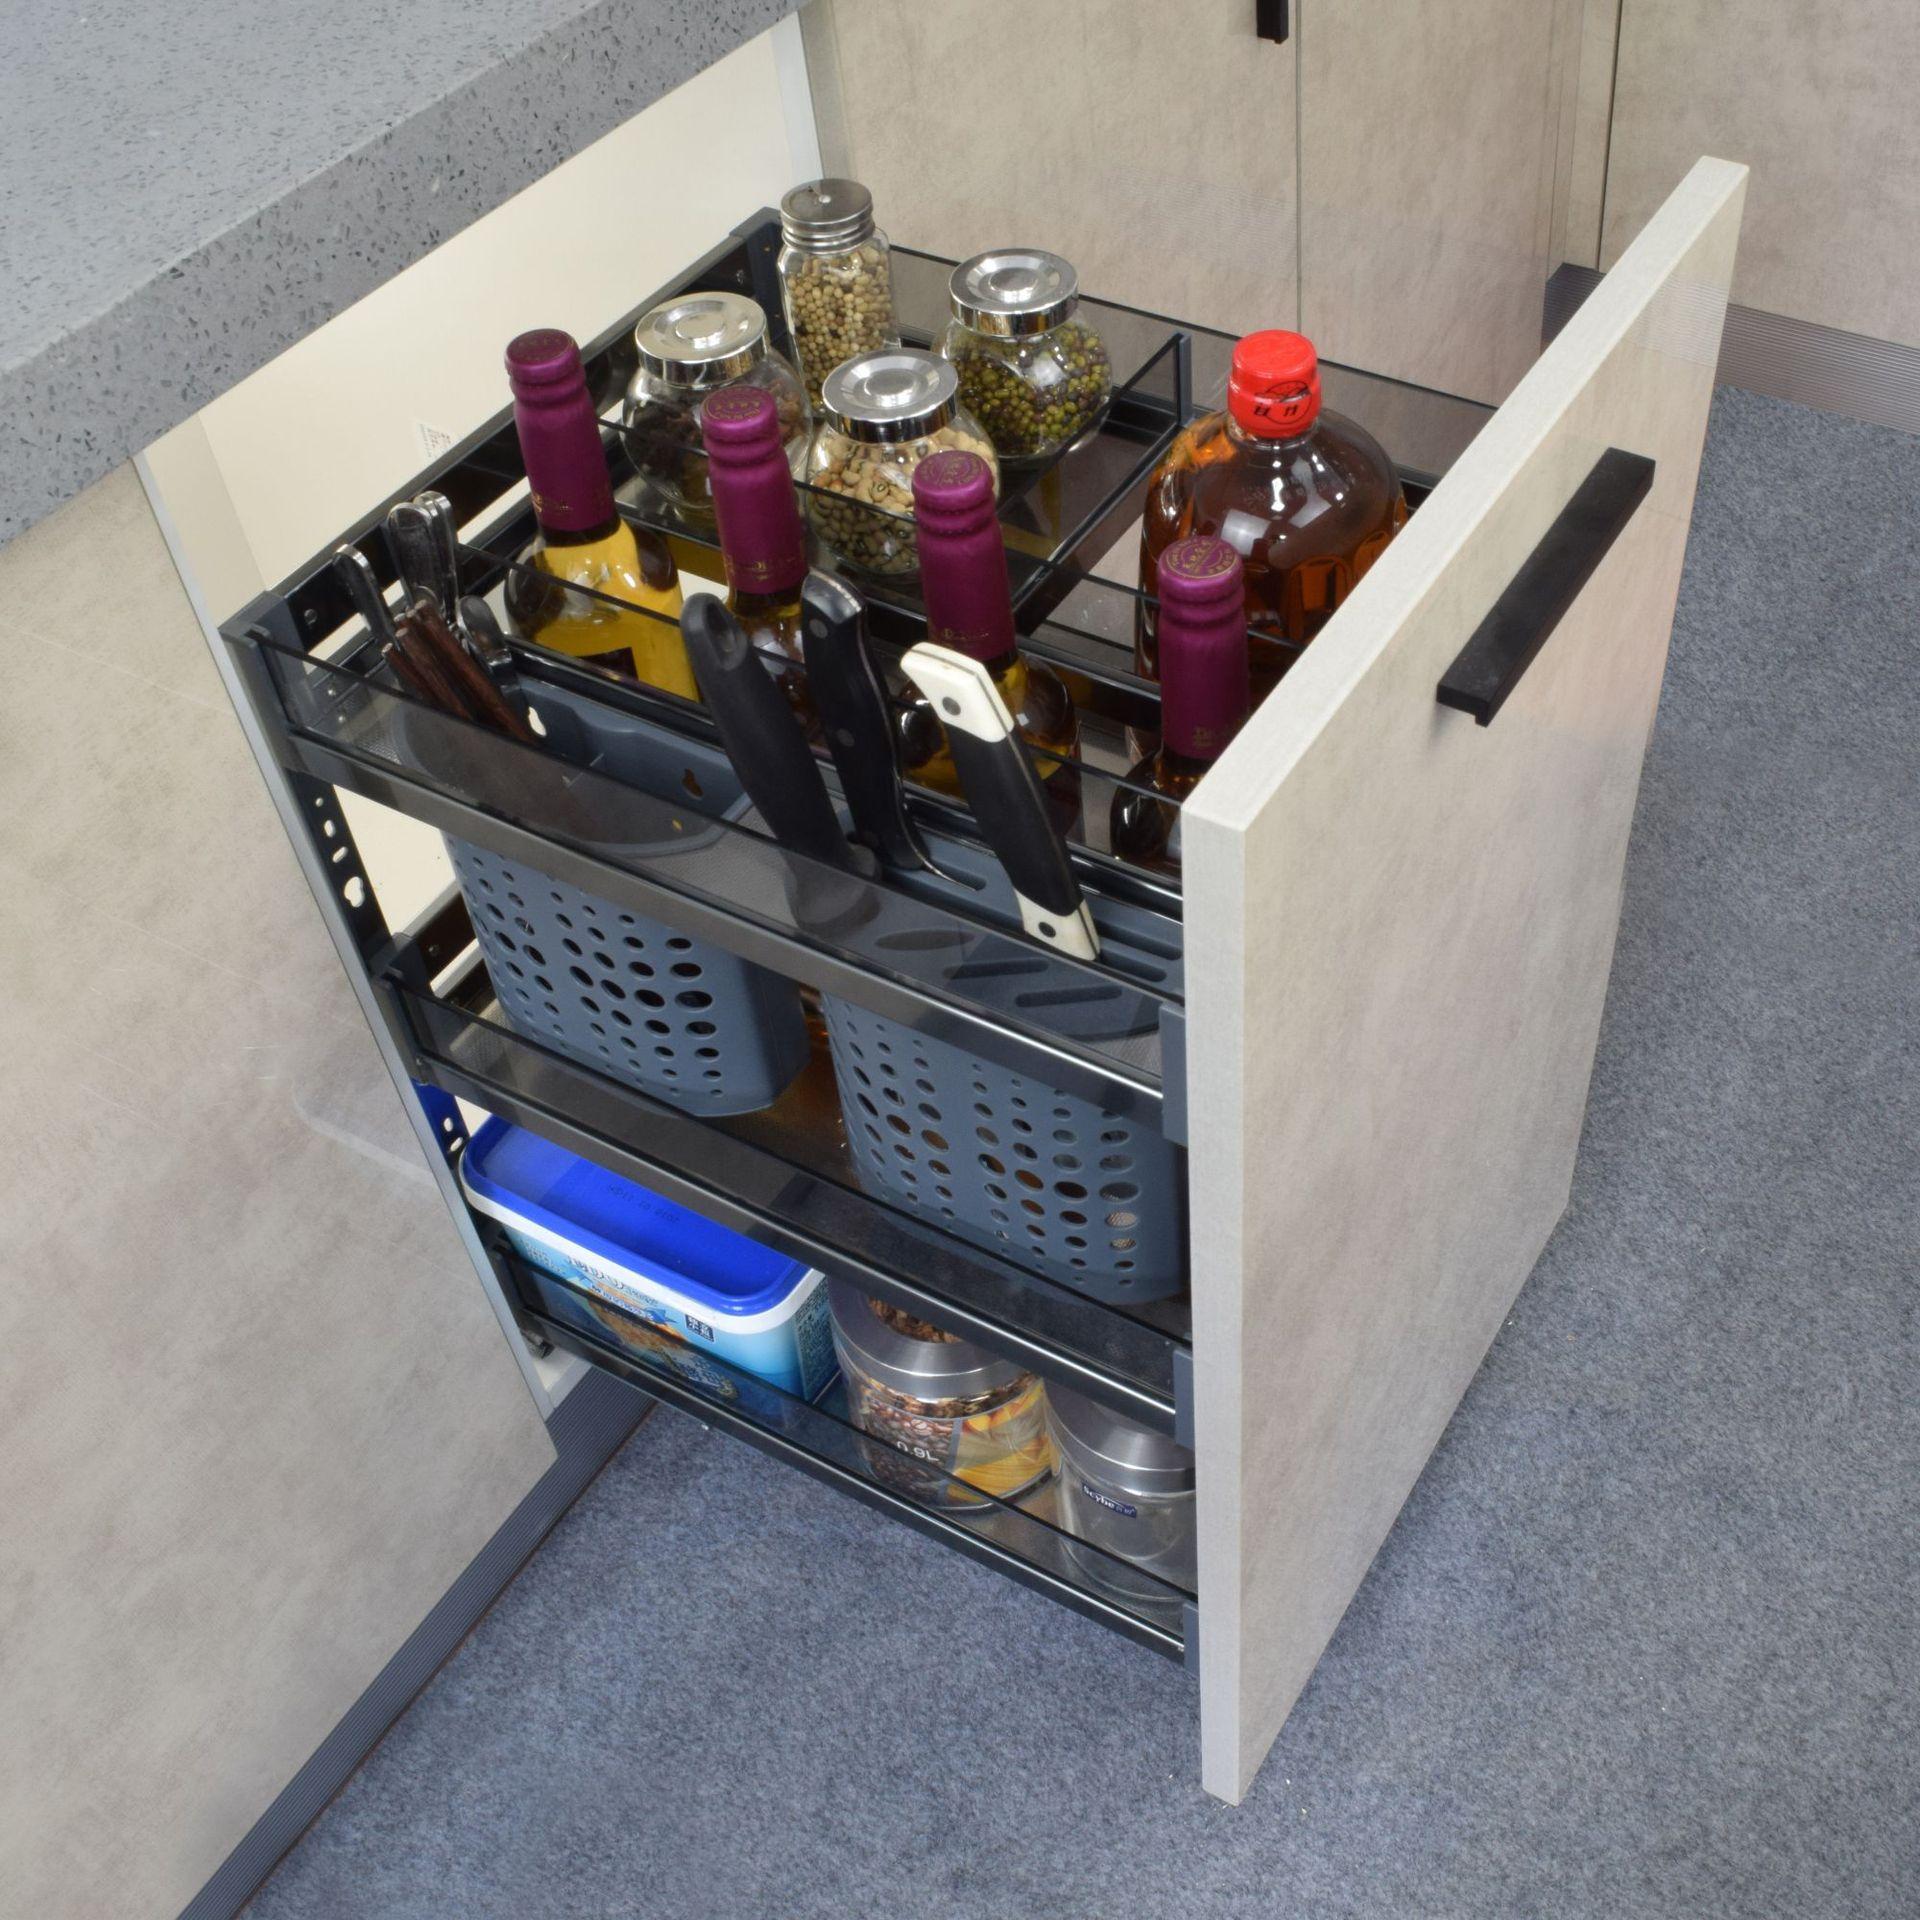 厂家直销太空铝不锈钢拉篮 厨房橱柜拉篮调味瓶拉篮厨房置物架